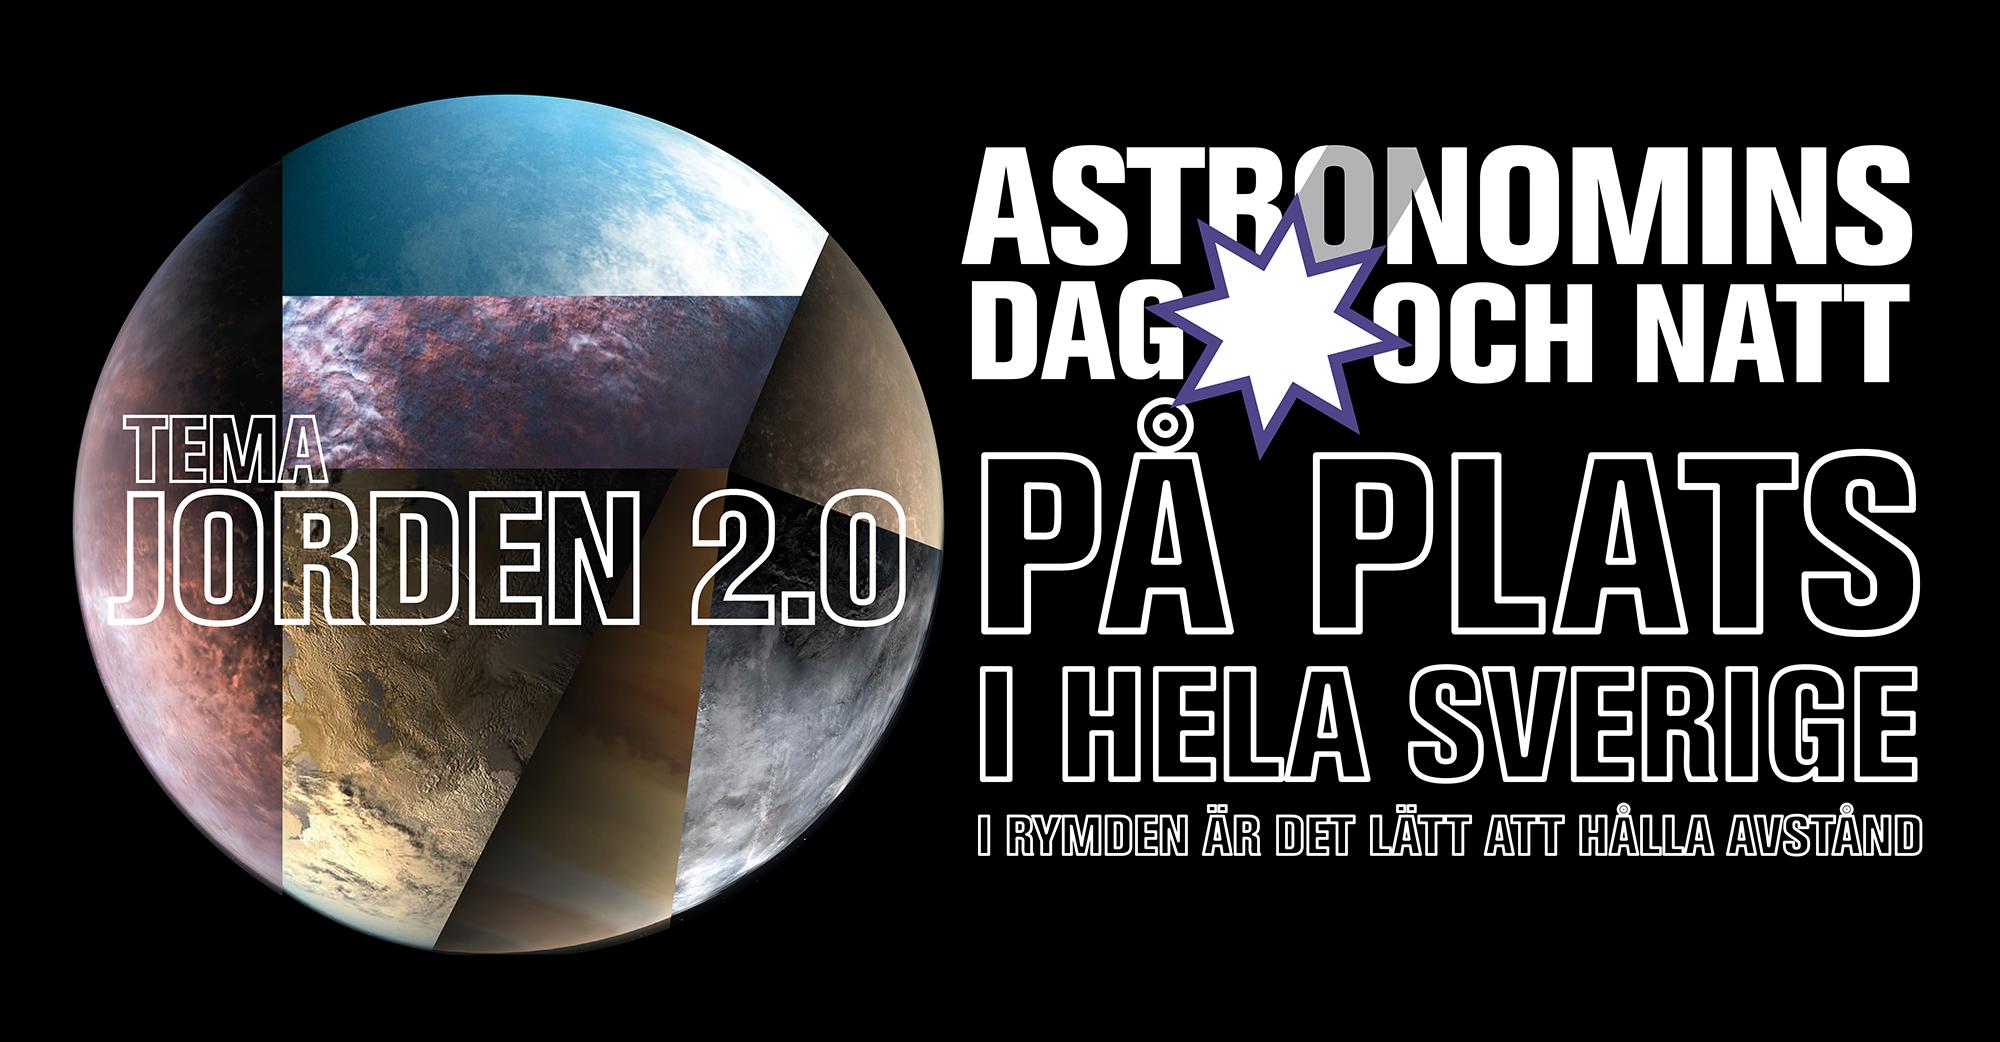 Astronomins dag och natt på plats